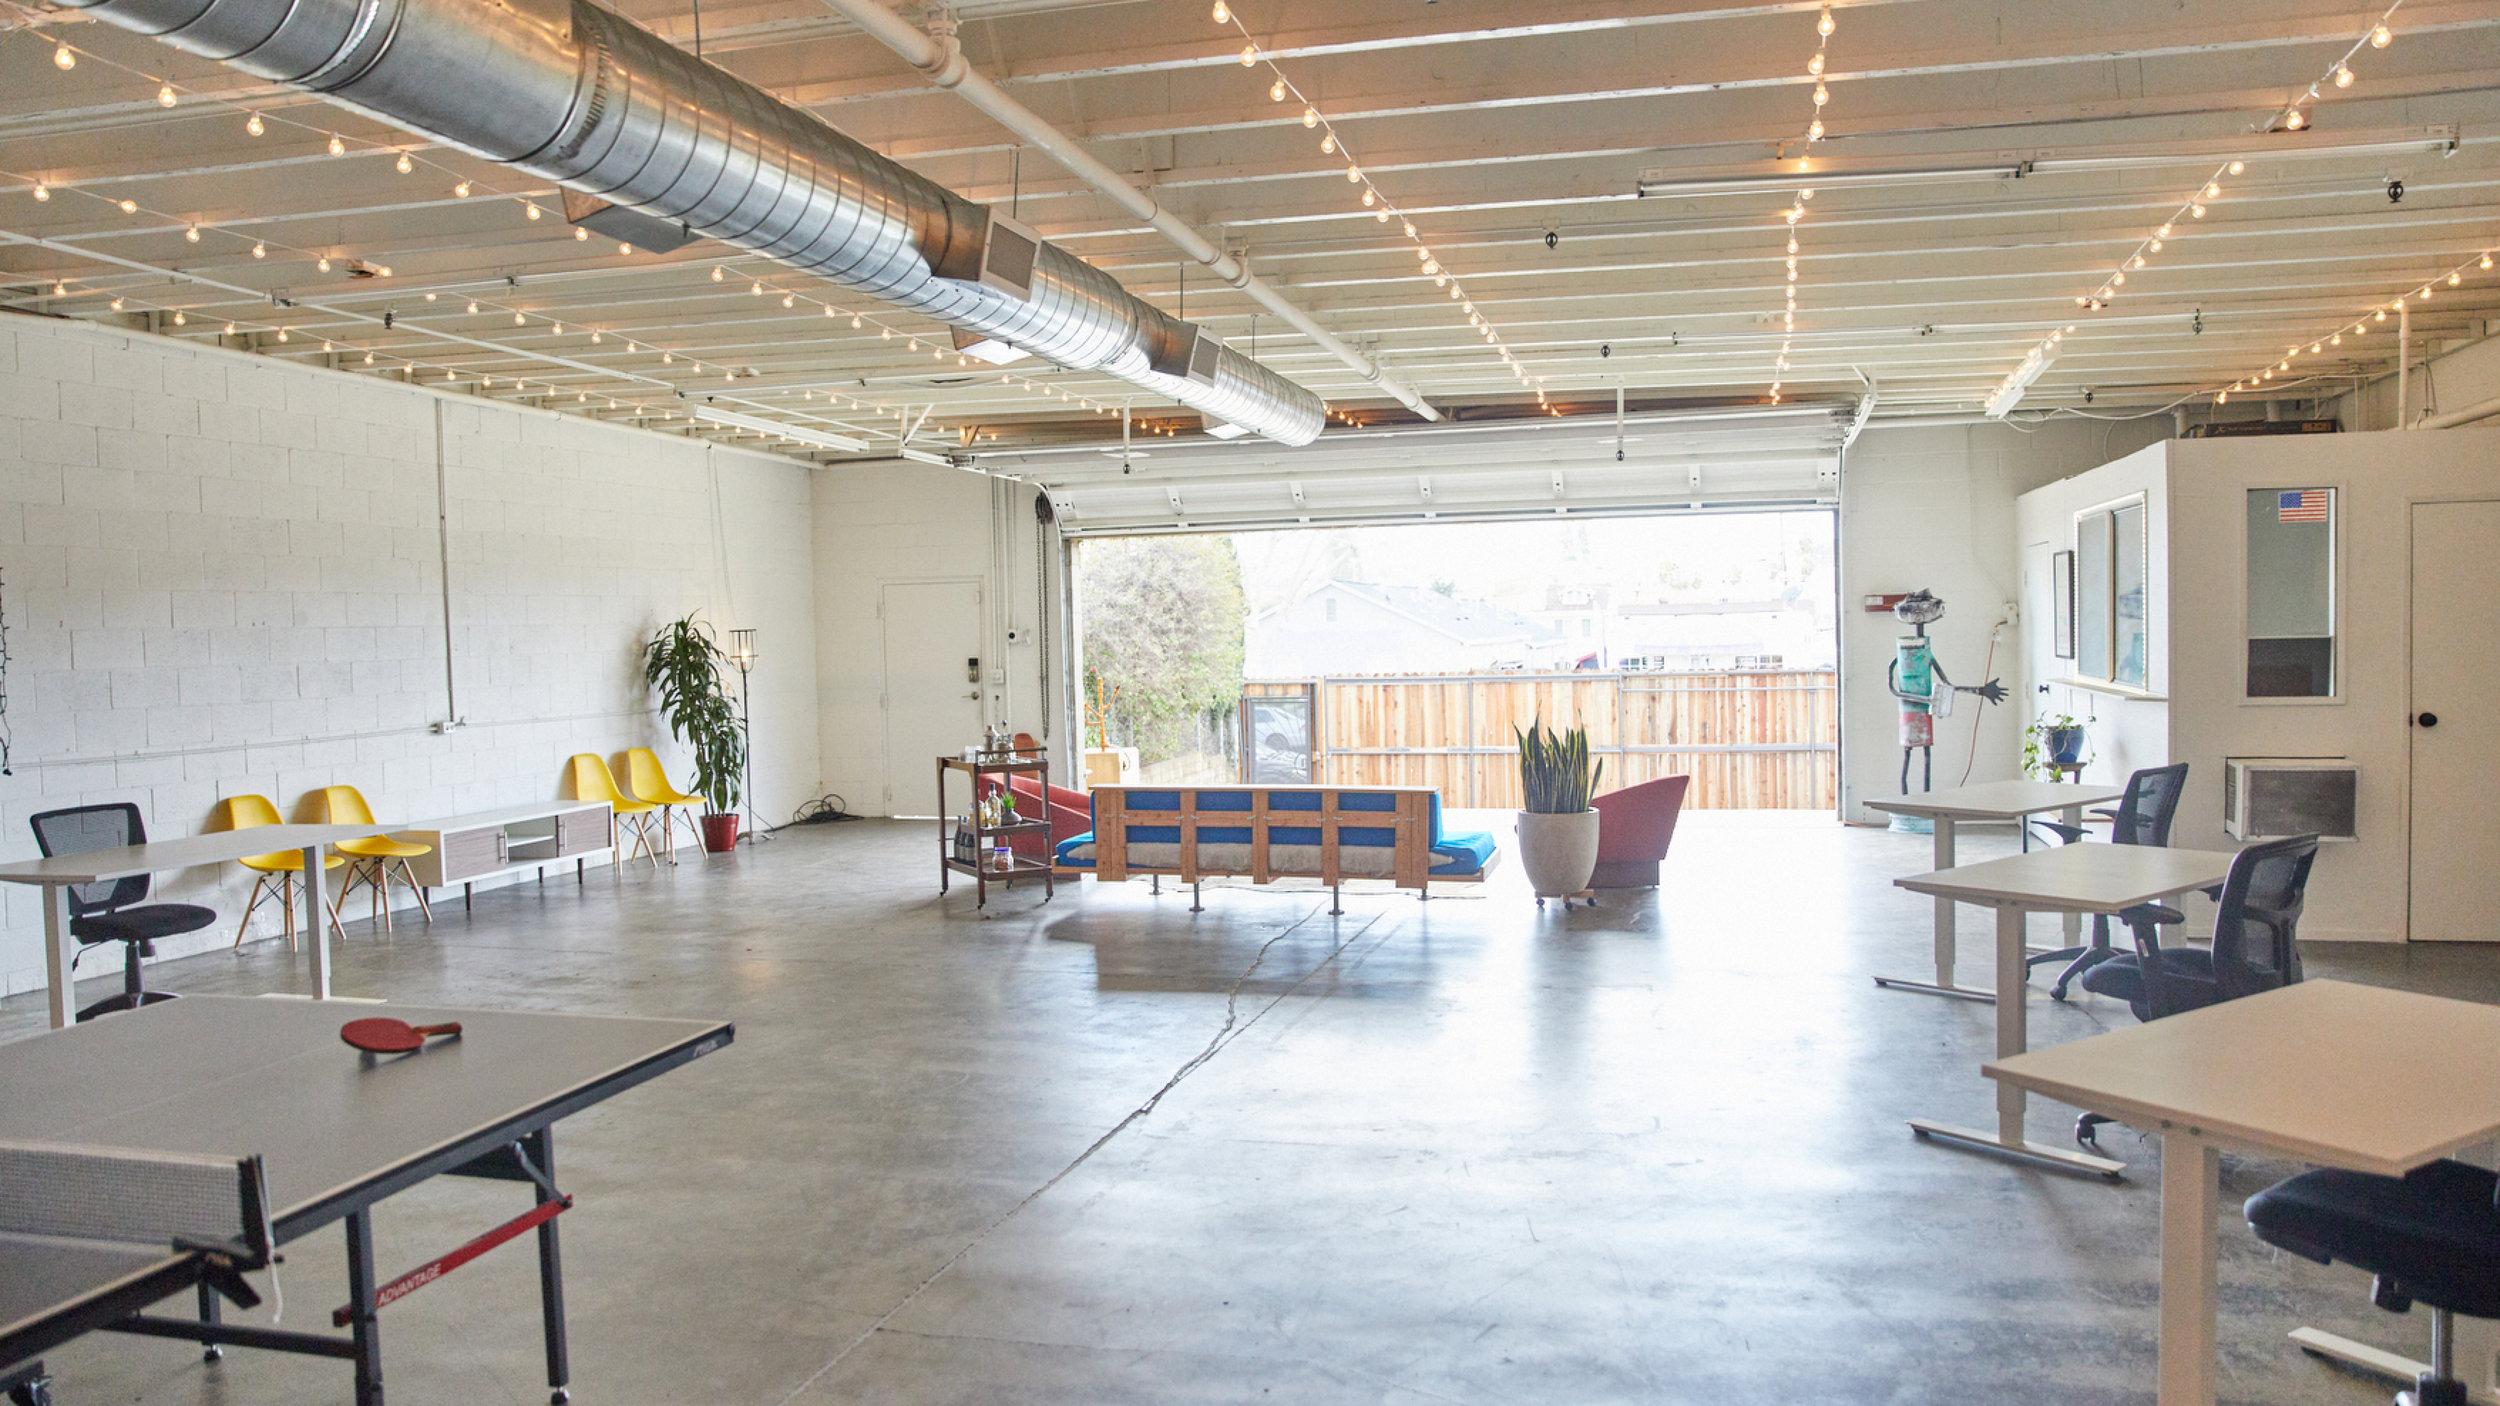 garage_deck_images13.jpg